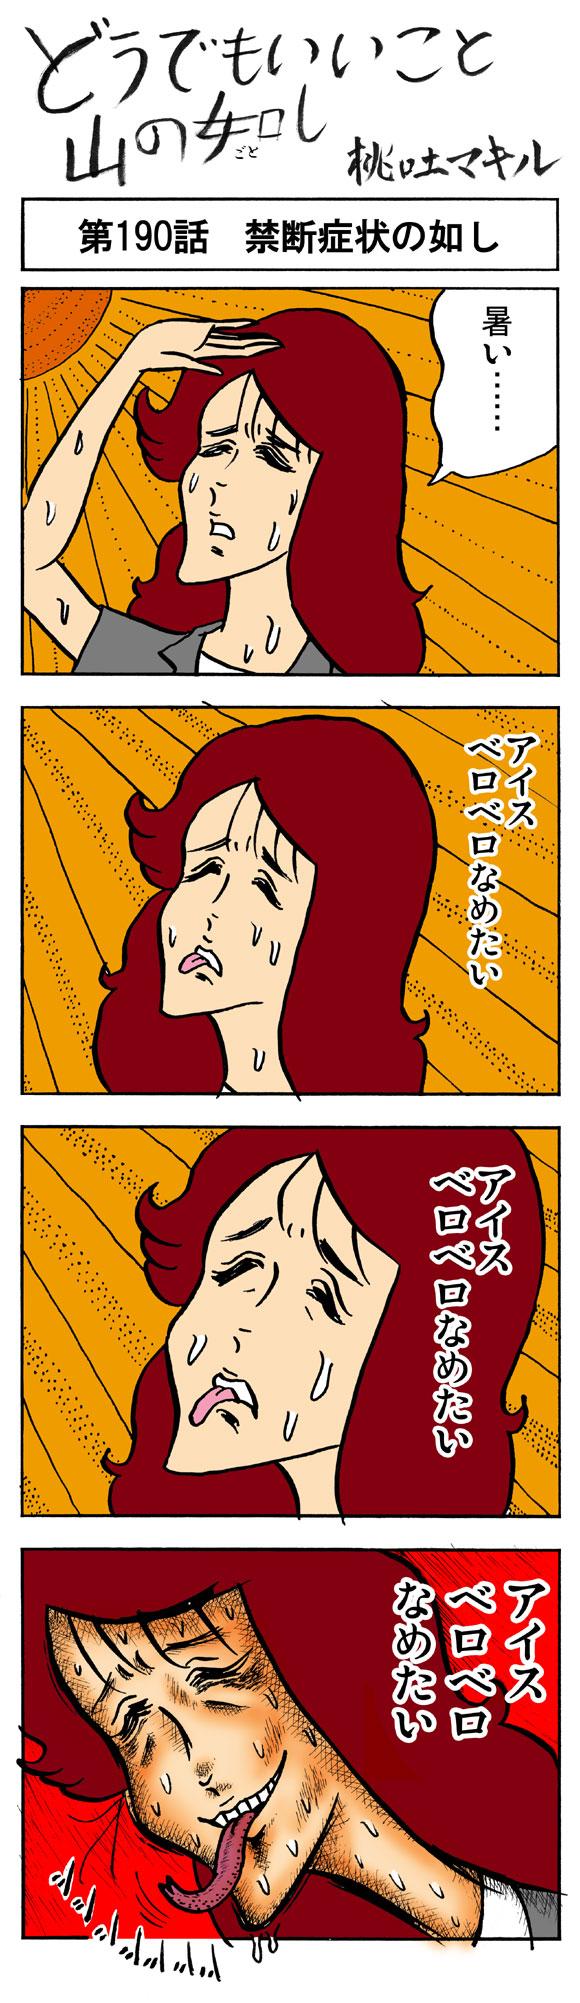 【まんが】どうでもいいこと山の如し「第190話:禁断症状の如し」 by 桃吐マキル